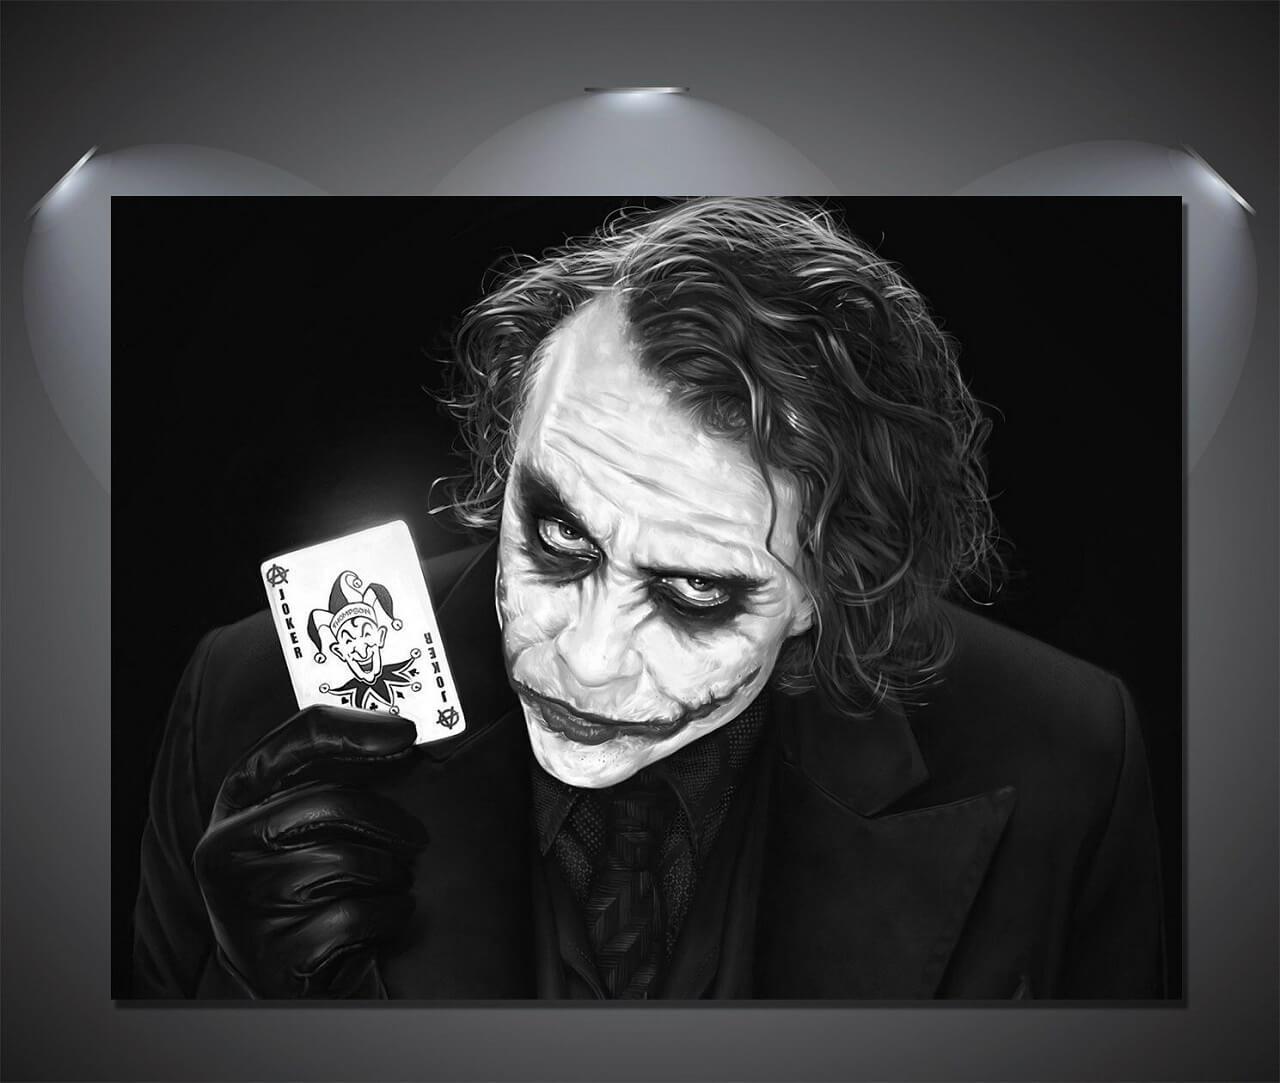 Joker holding joker card picture